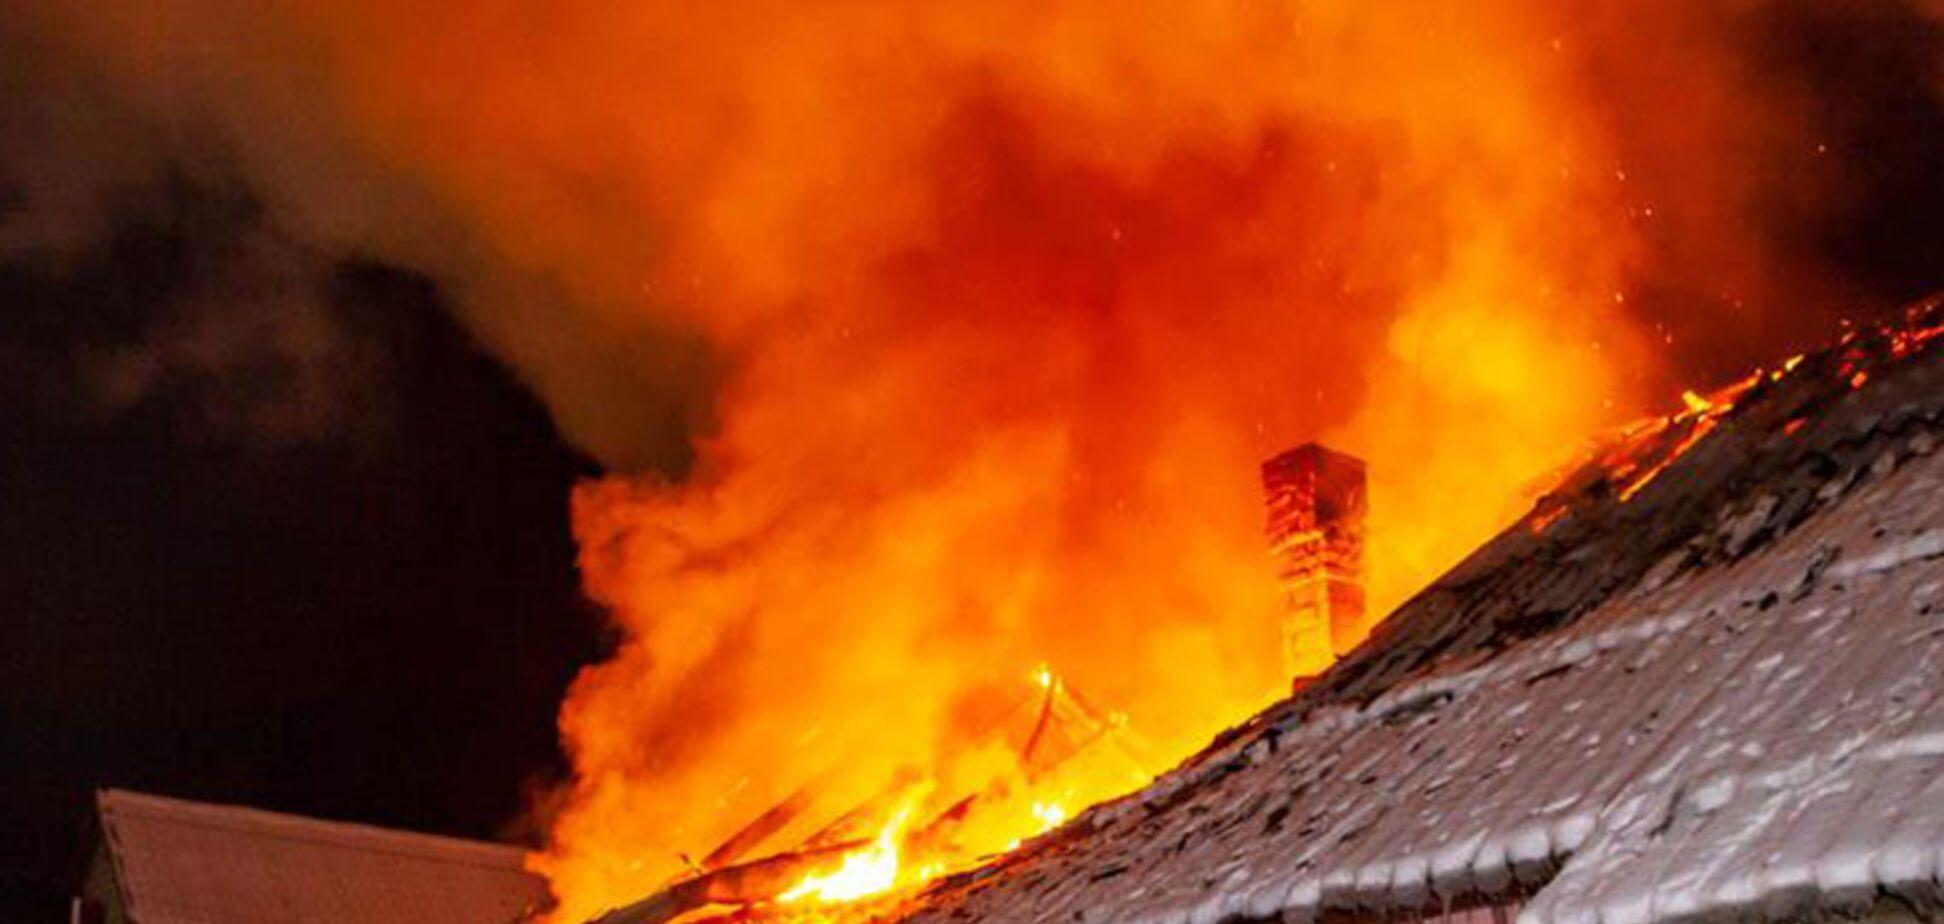 В Днепре на территории частного сектора произошел крупный пожар. Видео